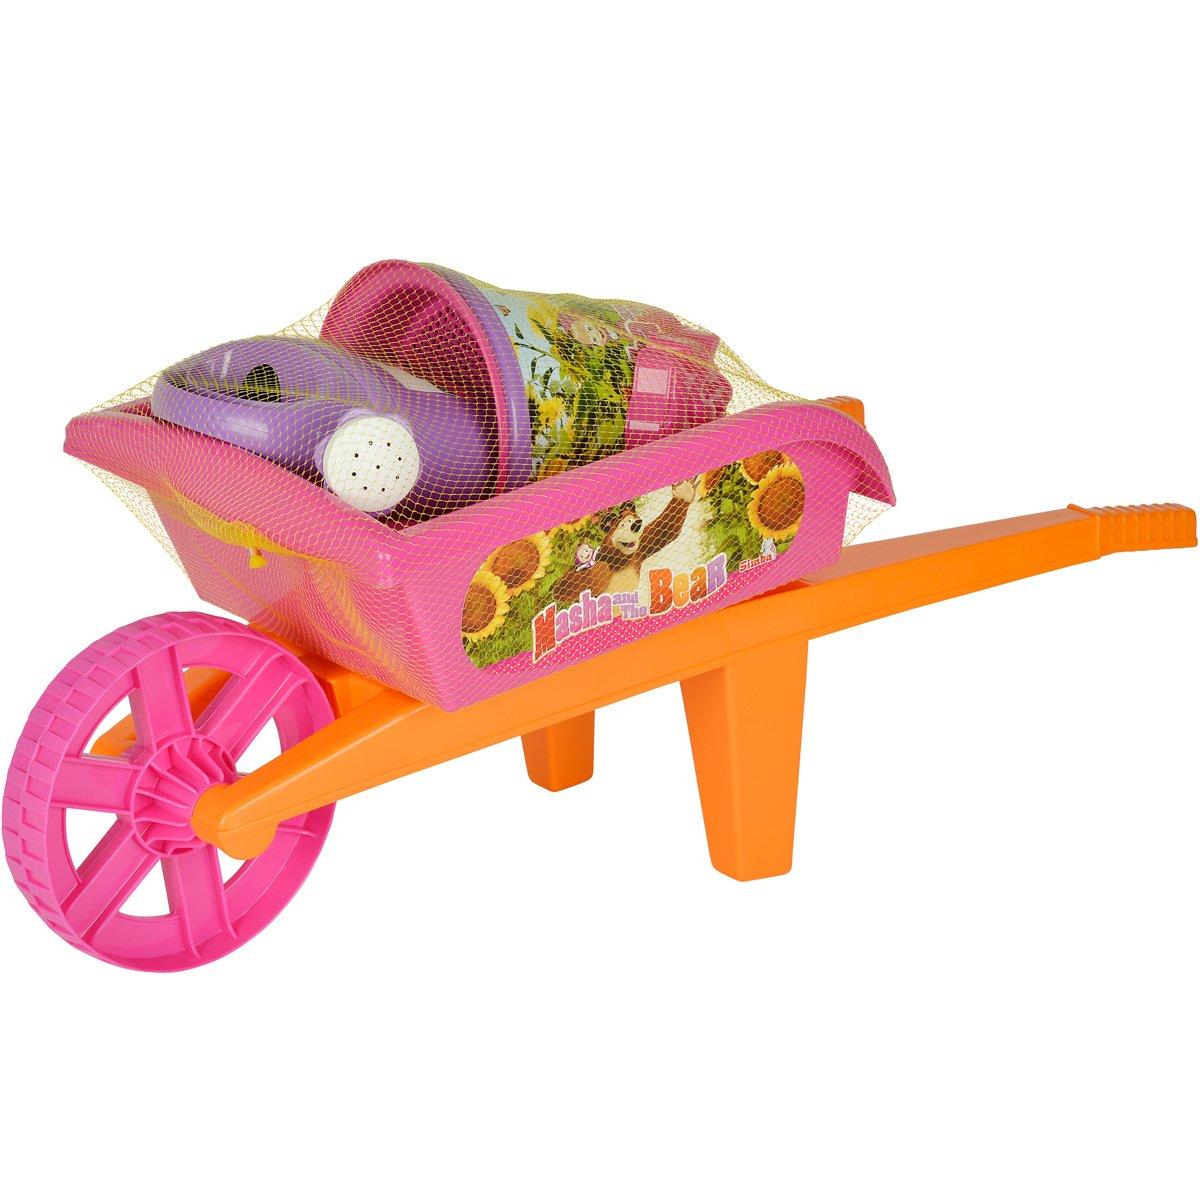 Masha und der Bär, Schubkarre, Set 8-teilig - Mascha Spielzeug für Draußen draussen Sandspiel Eimer Schaufel Gießkanne